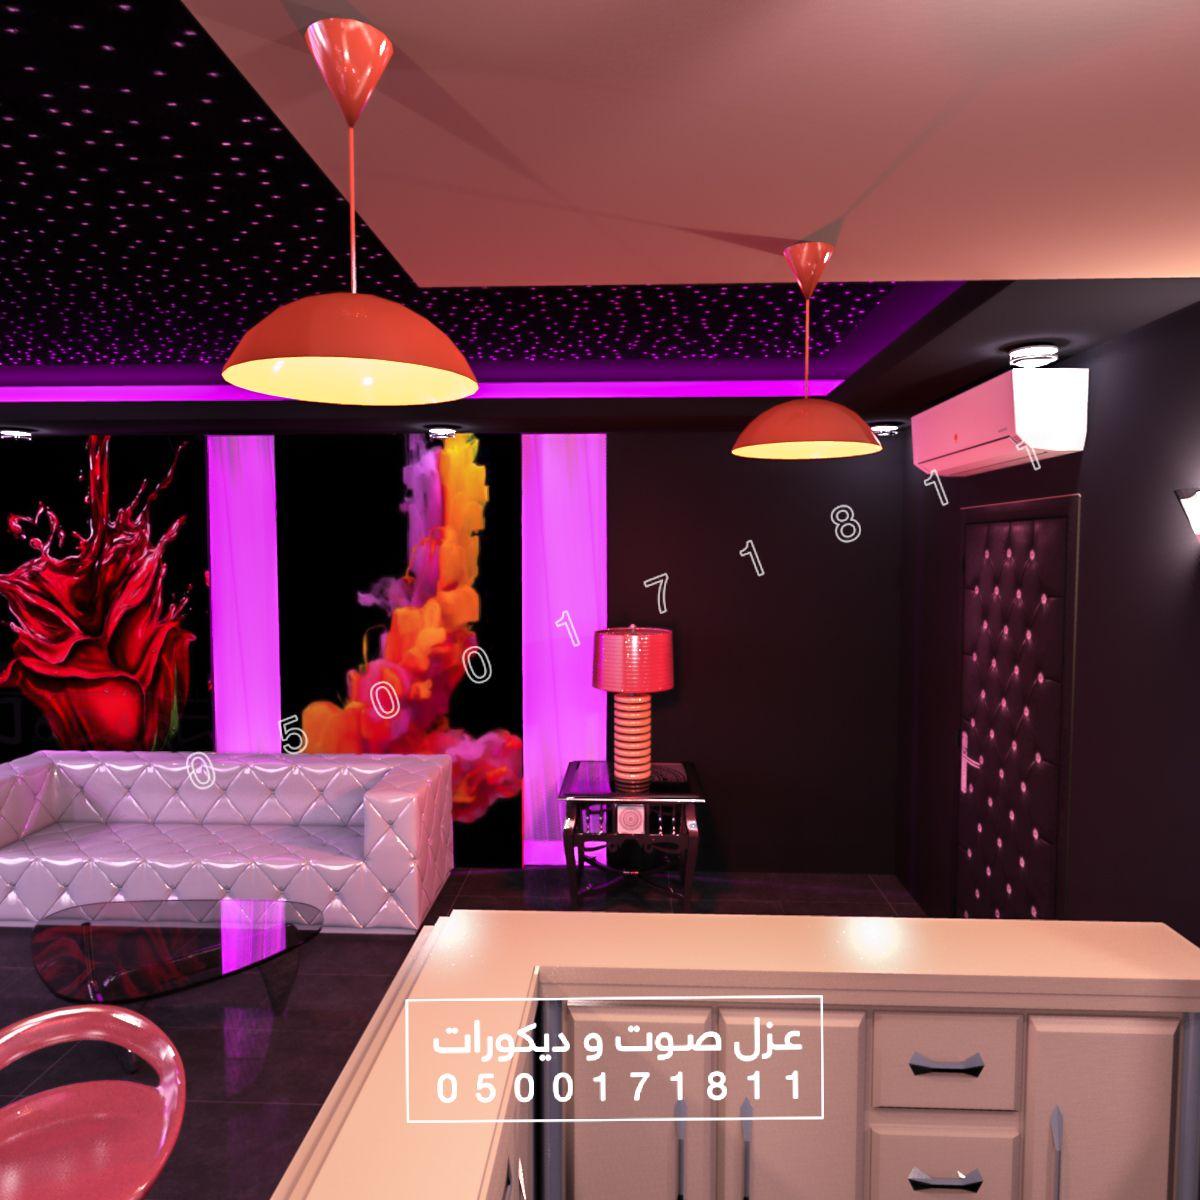 عزل صوت و ديكورات في الرياض Kitchen Appliances Popcorn Maker Home